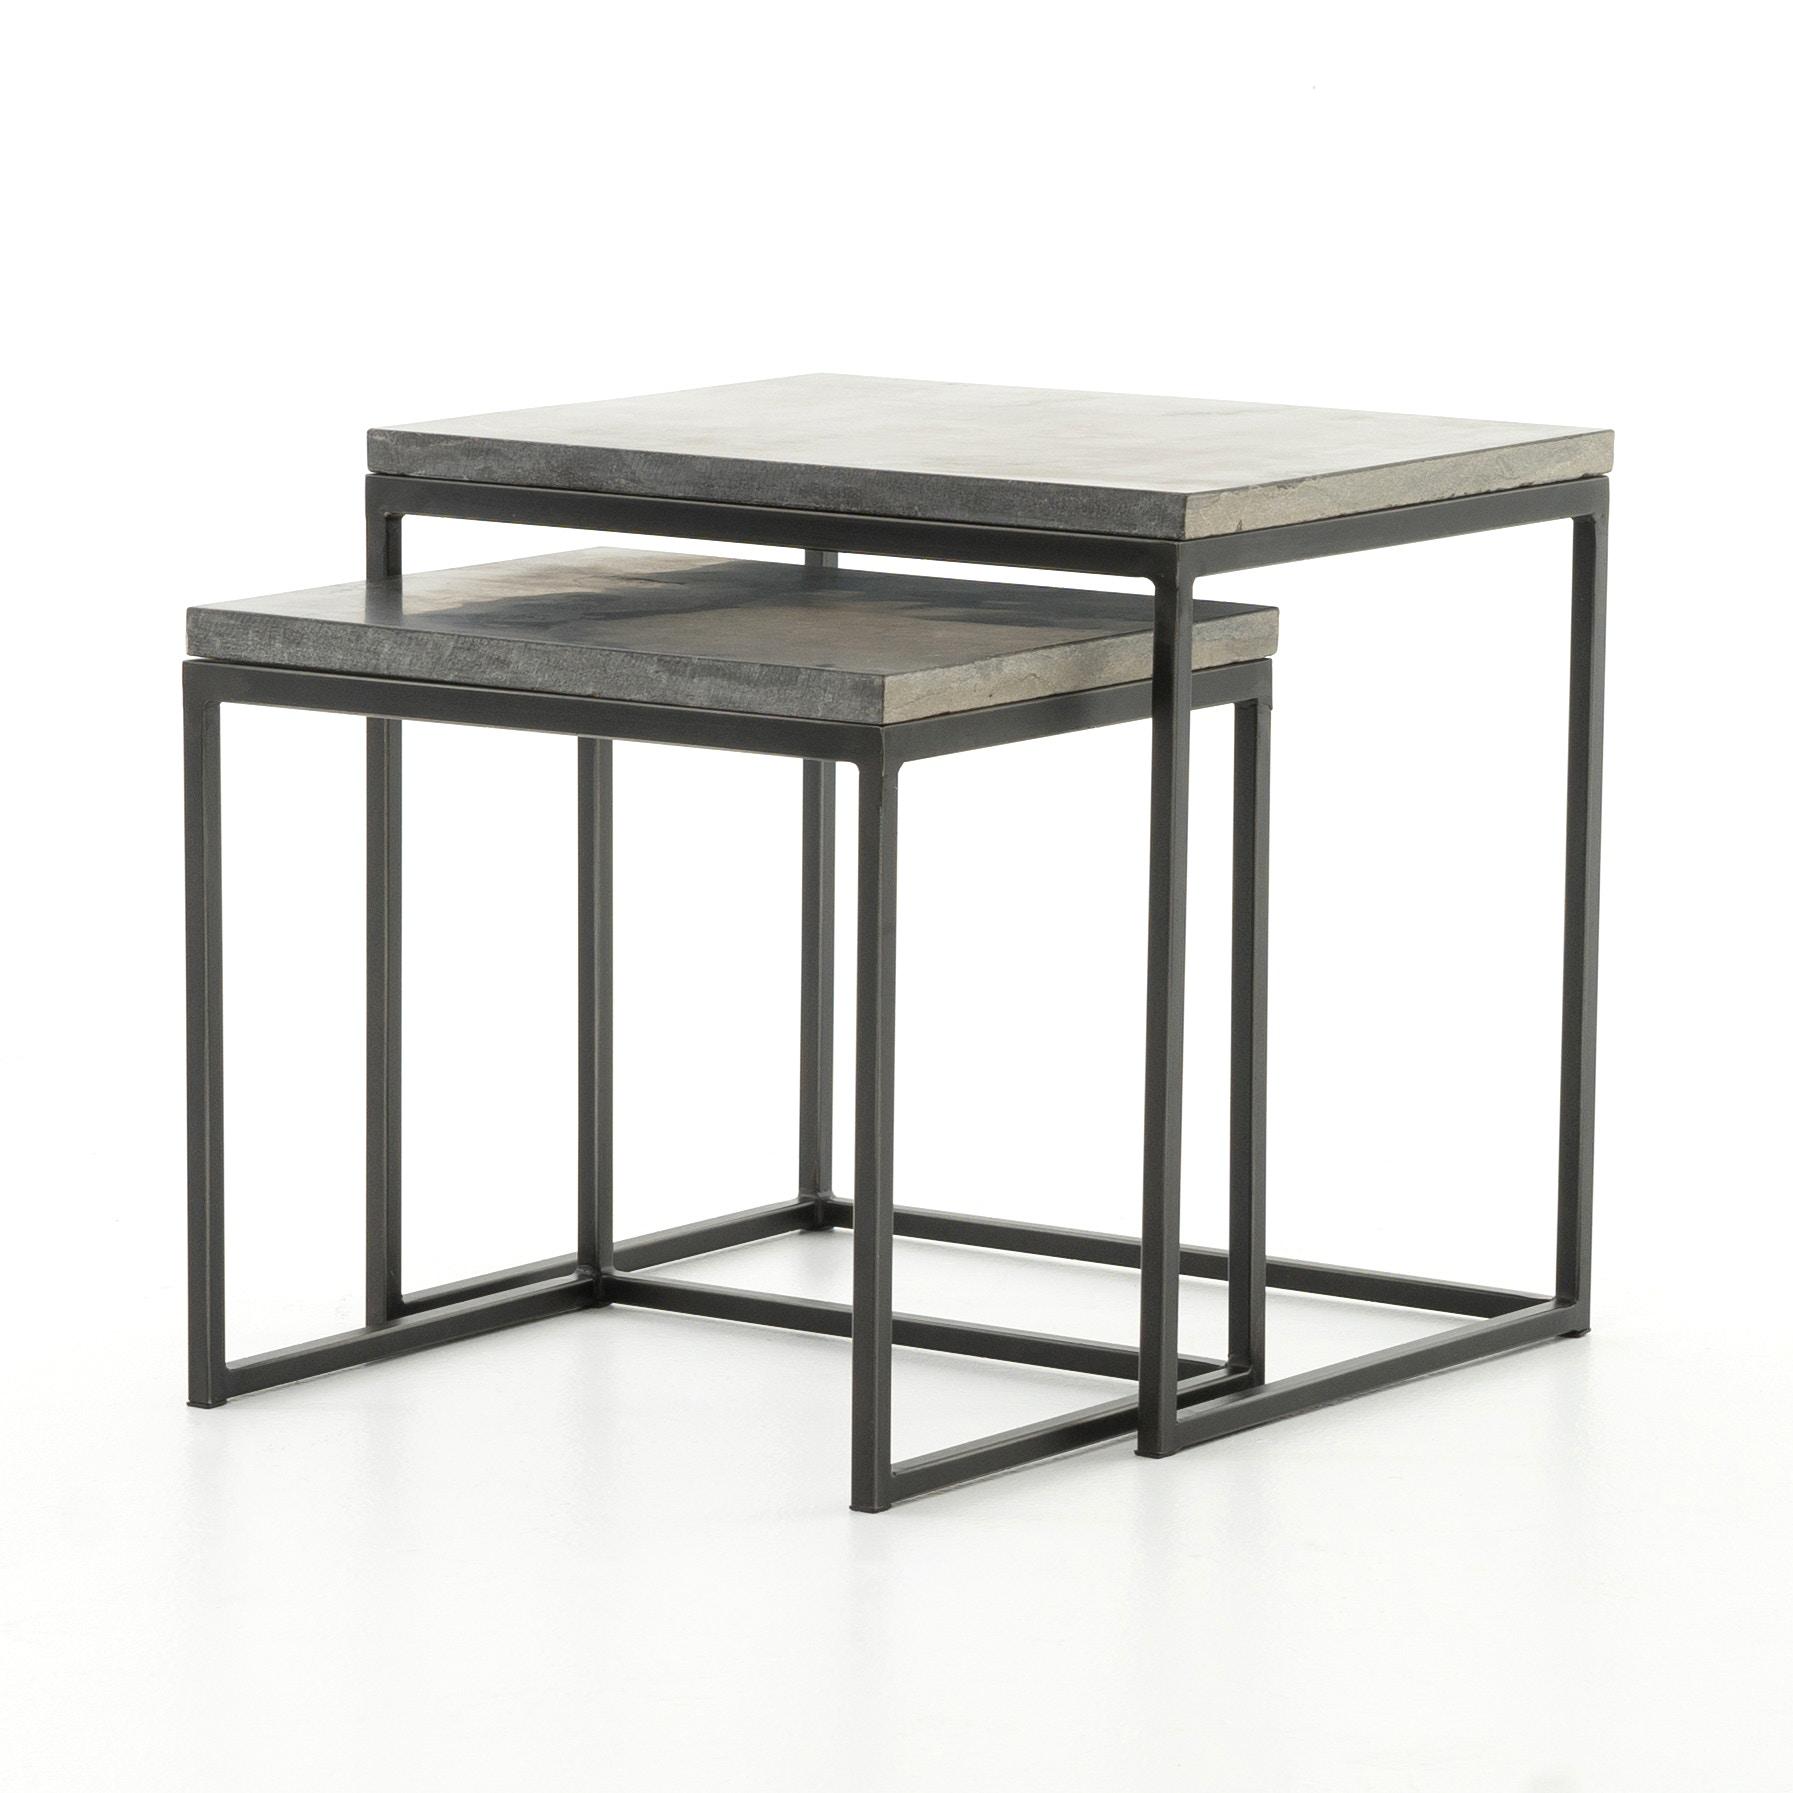 Four Hands Furniture CIMP11L Living Room Harlow Nesting End Tables